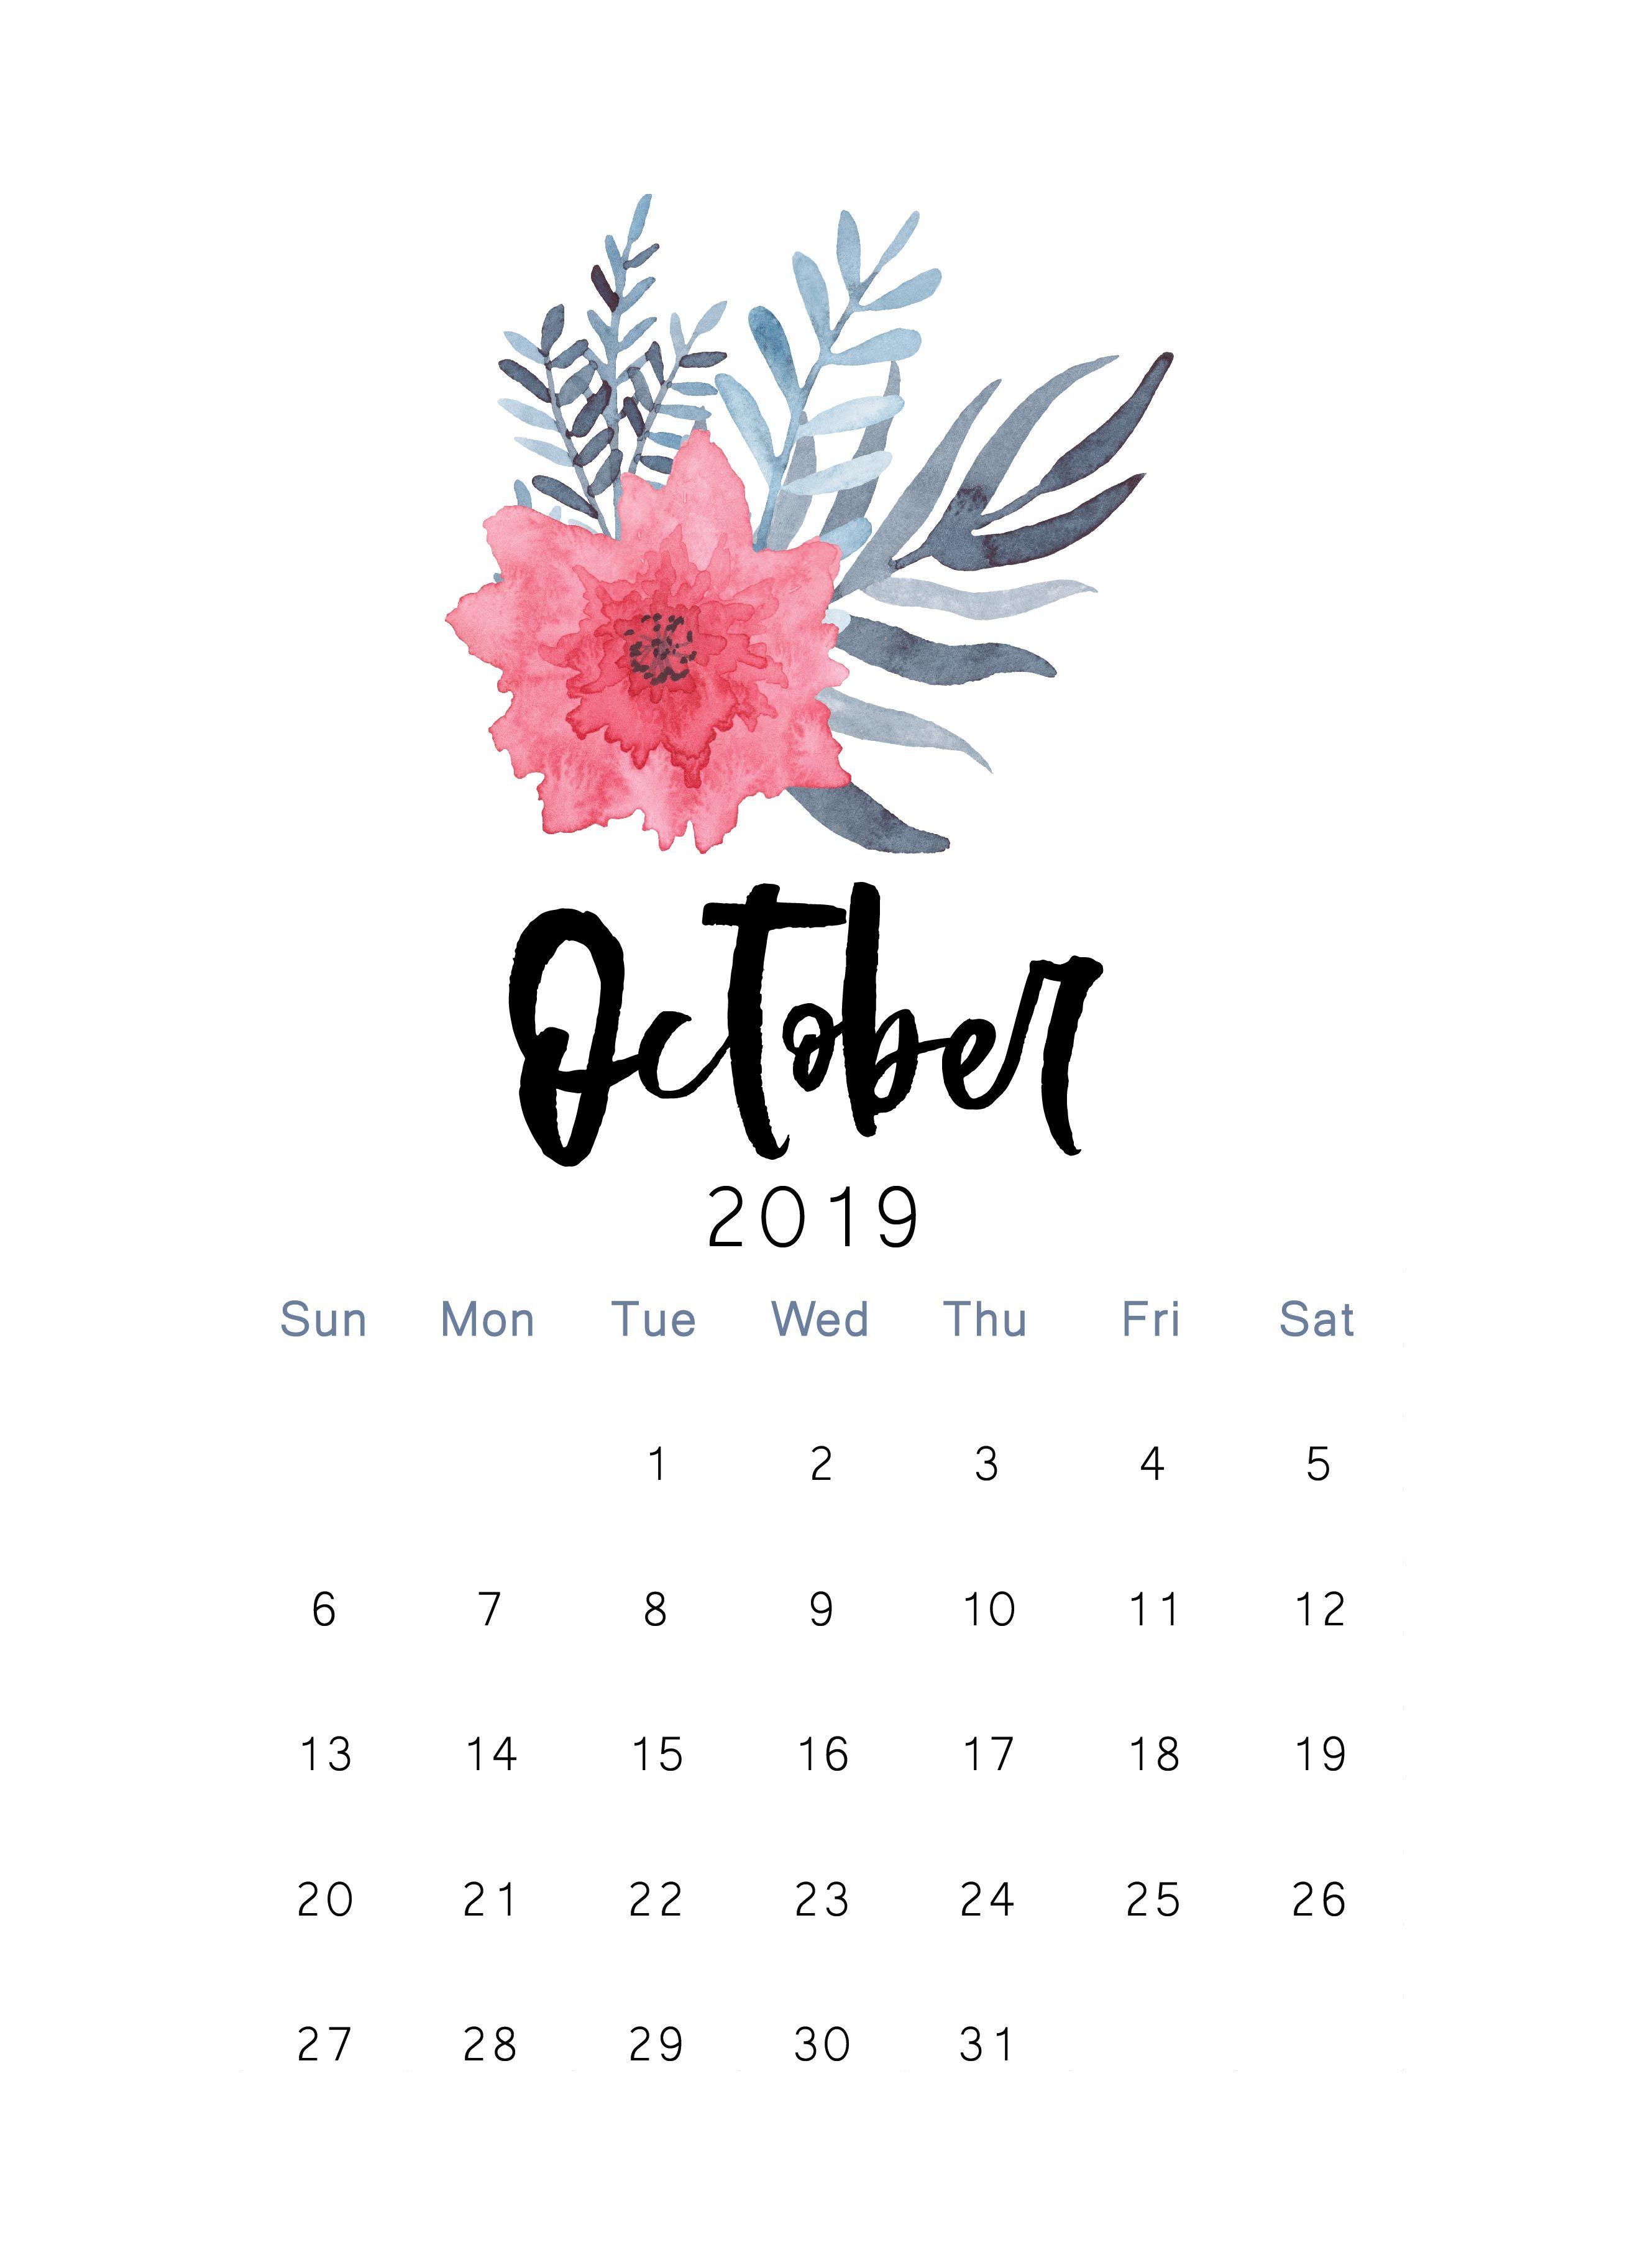 October 2019 Printable Calendar The Cactus Creative Calendar 2623x3649